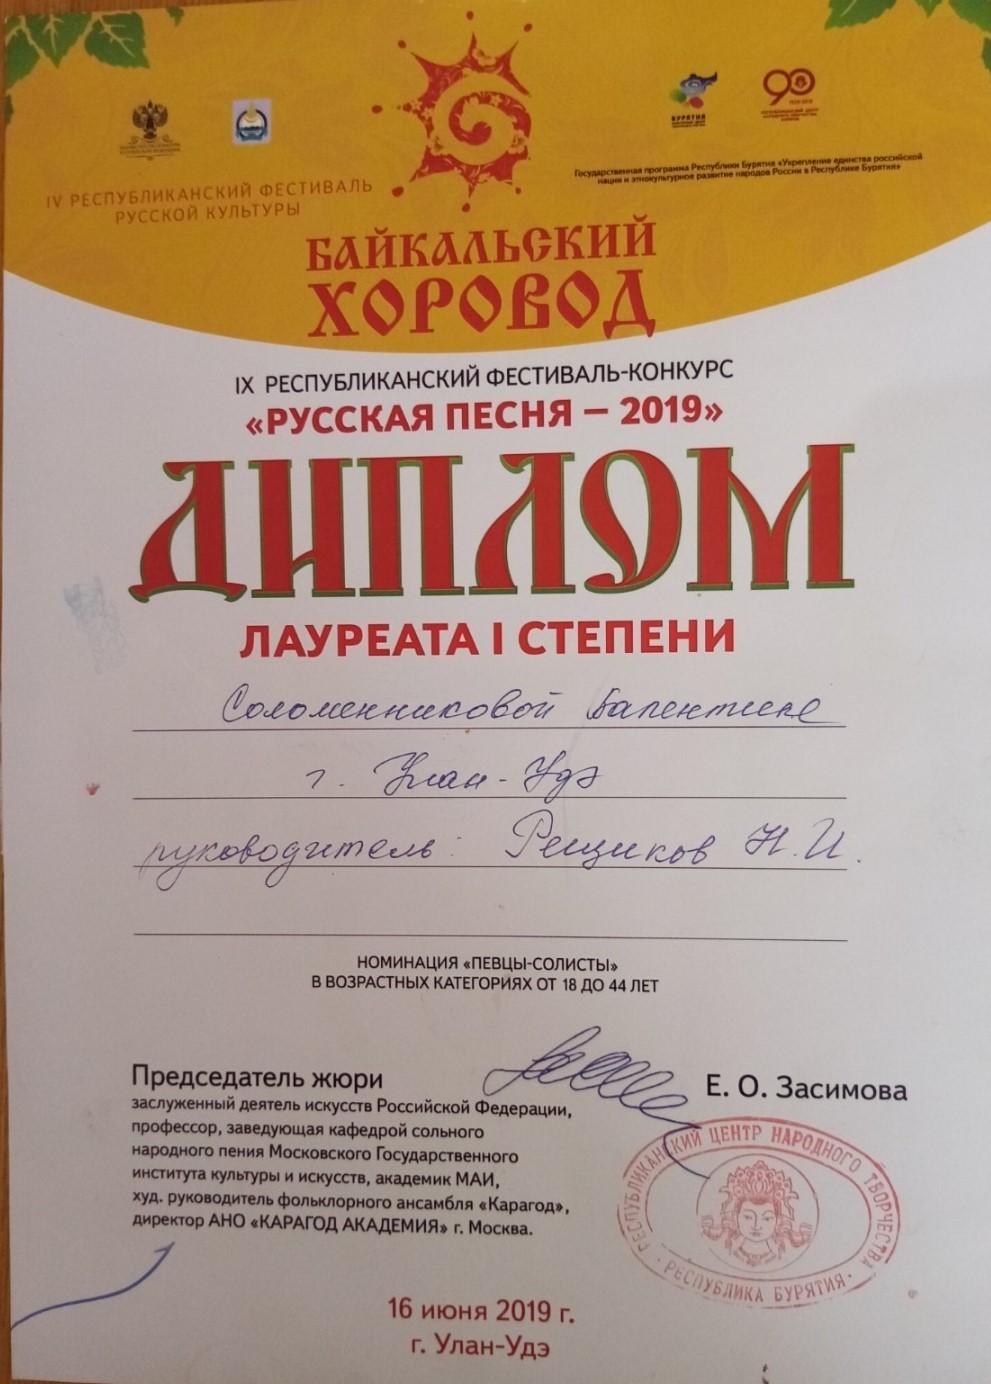 """2019, IX Республиканский фестиваль-конкурс """"Русская песня-2019"""""""